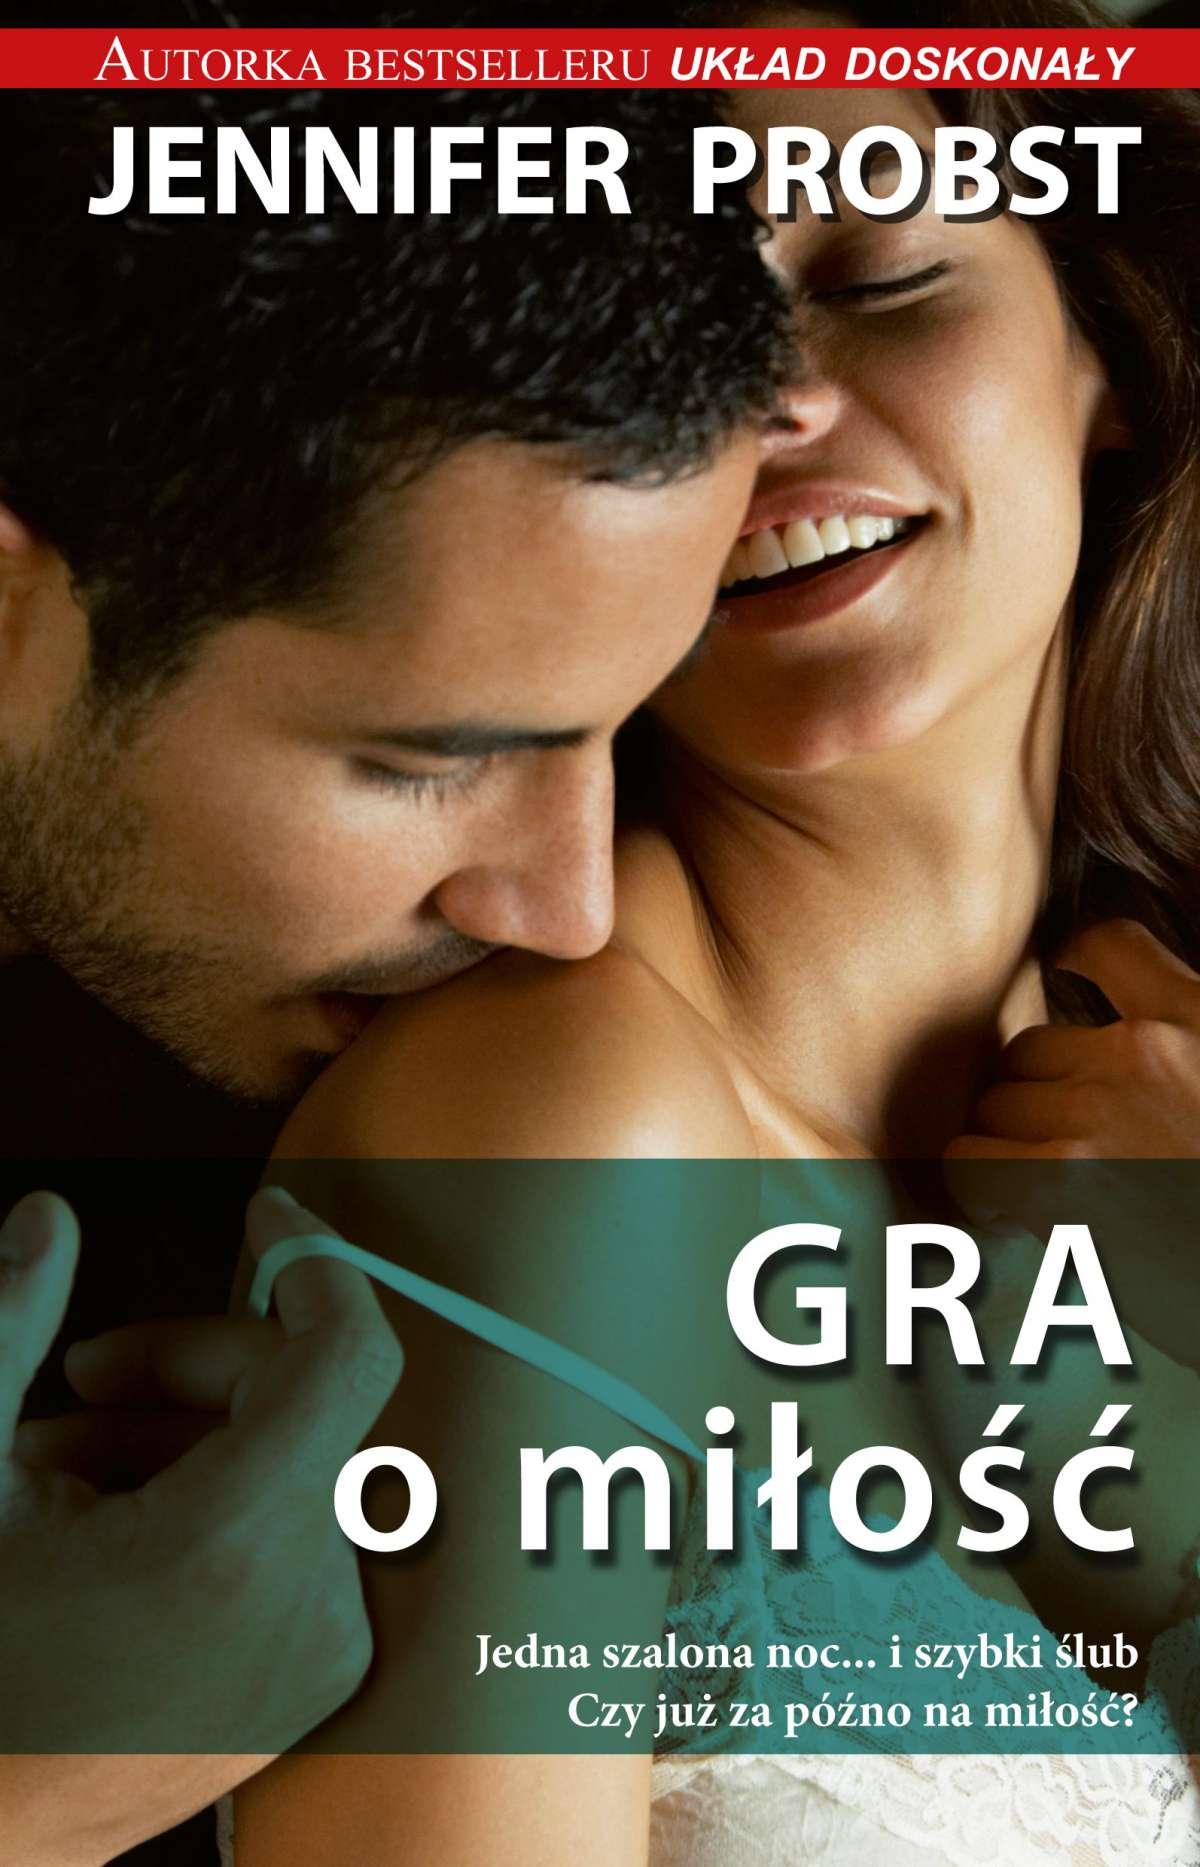 Gra o miłość - Ebook (Książka EPUB) do pobrania w formacie EPUB